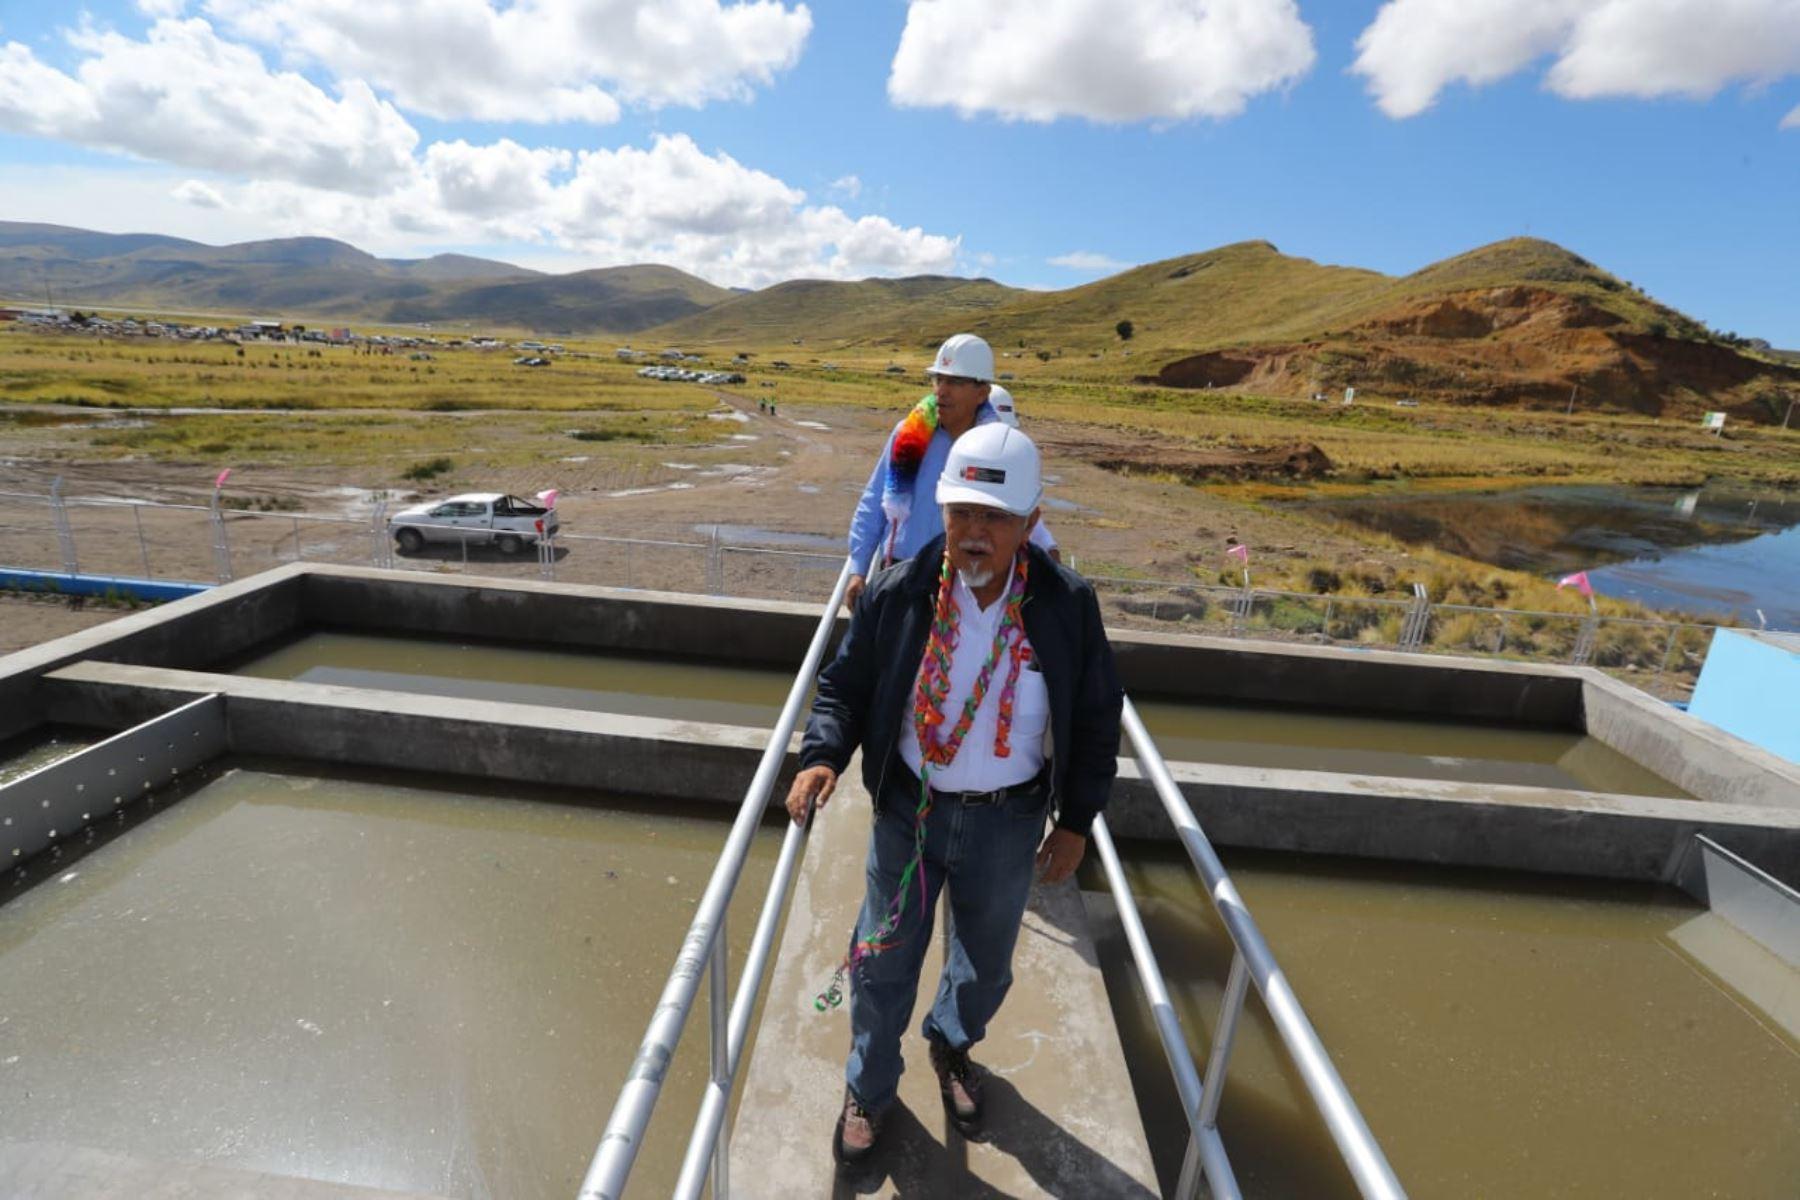 Presidente Martín Vizcarra visita la planta de tratamiento de aguas residuales en la localidad de Lampa, Puno. Foto: ANDINA/Prensa Presidencia